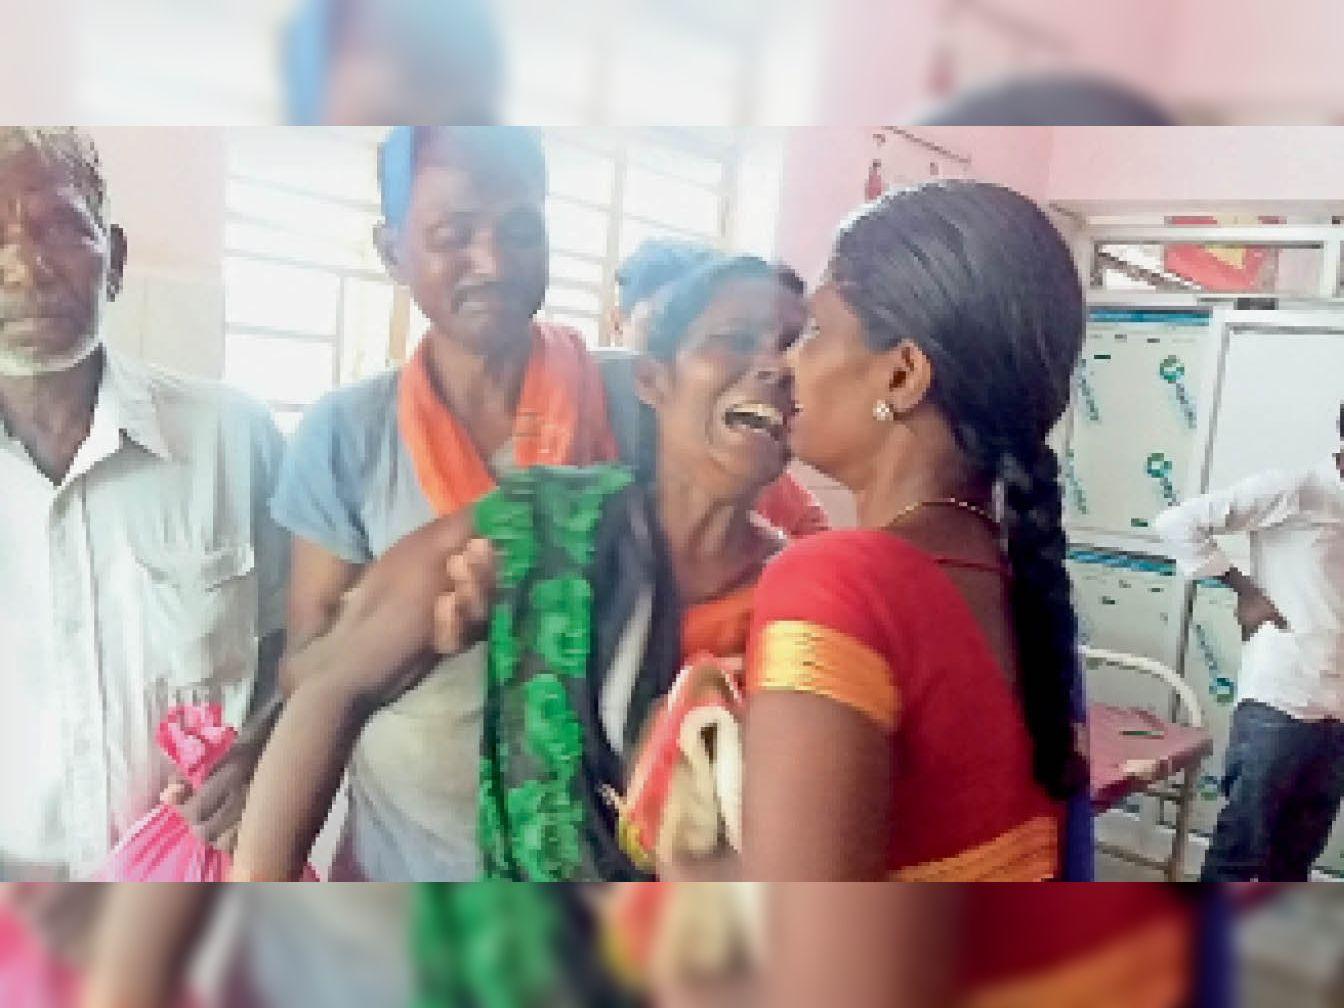 वज्रपात से मजदूर की मौत के बाद विश्रामपुर अस्पताल में चीत्कार करती पत्नी व बेटे। - Dainik Bhaskar